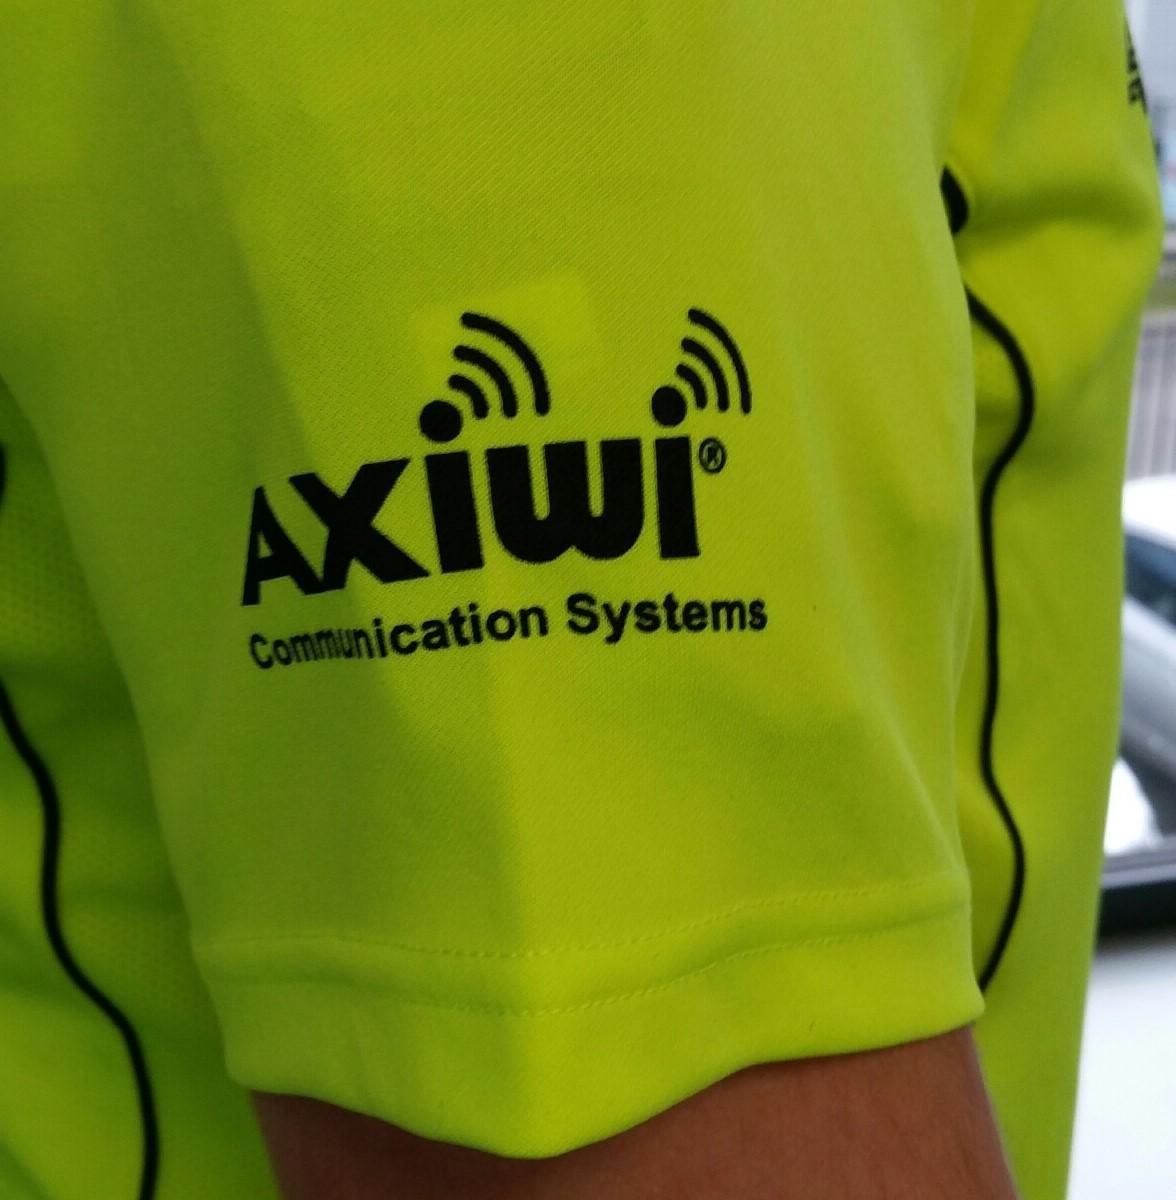 axiwi-arm-belt-under-shirt